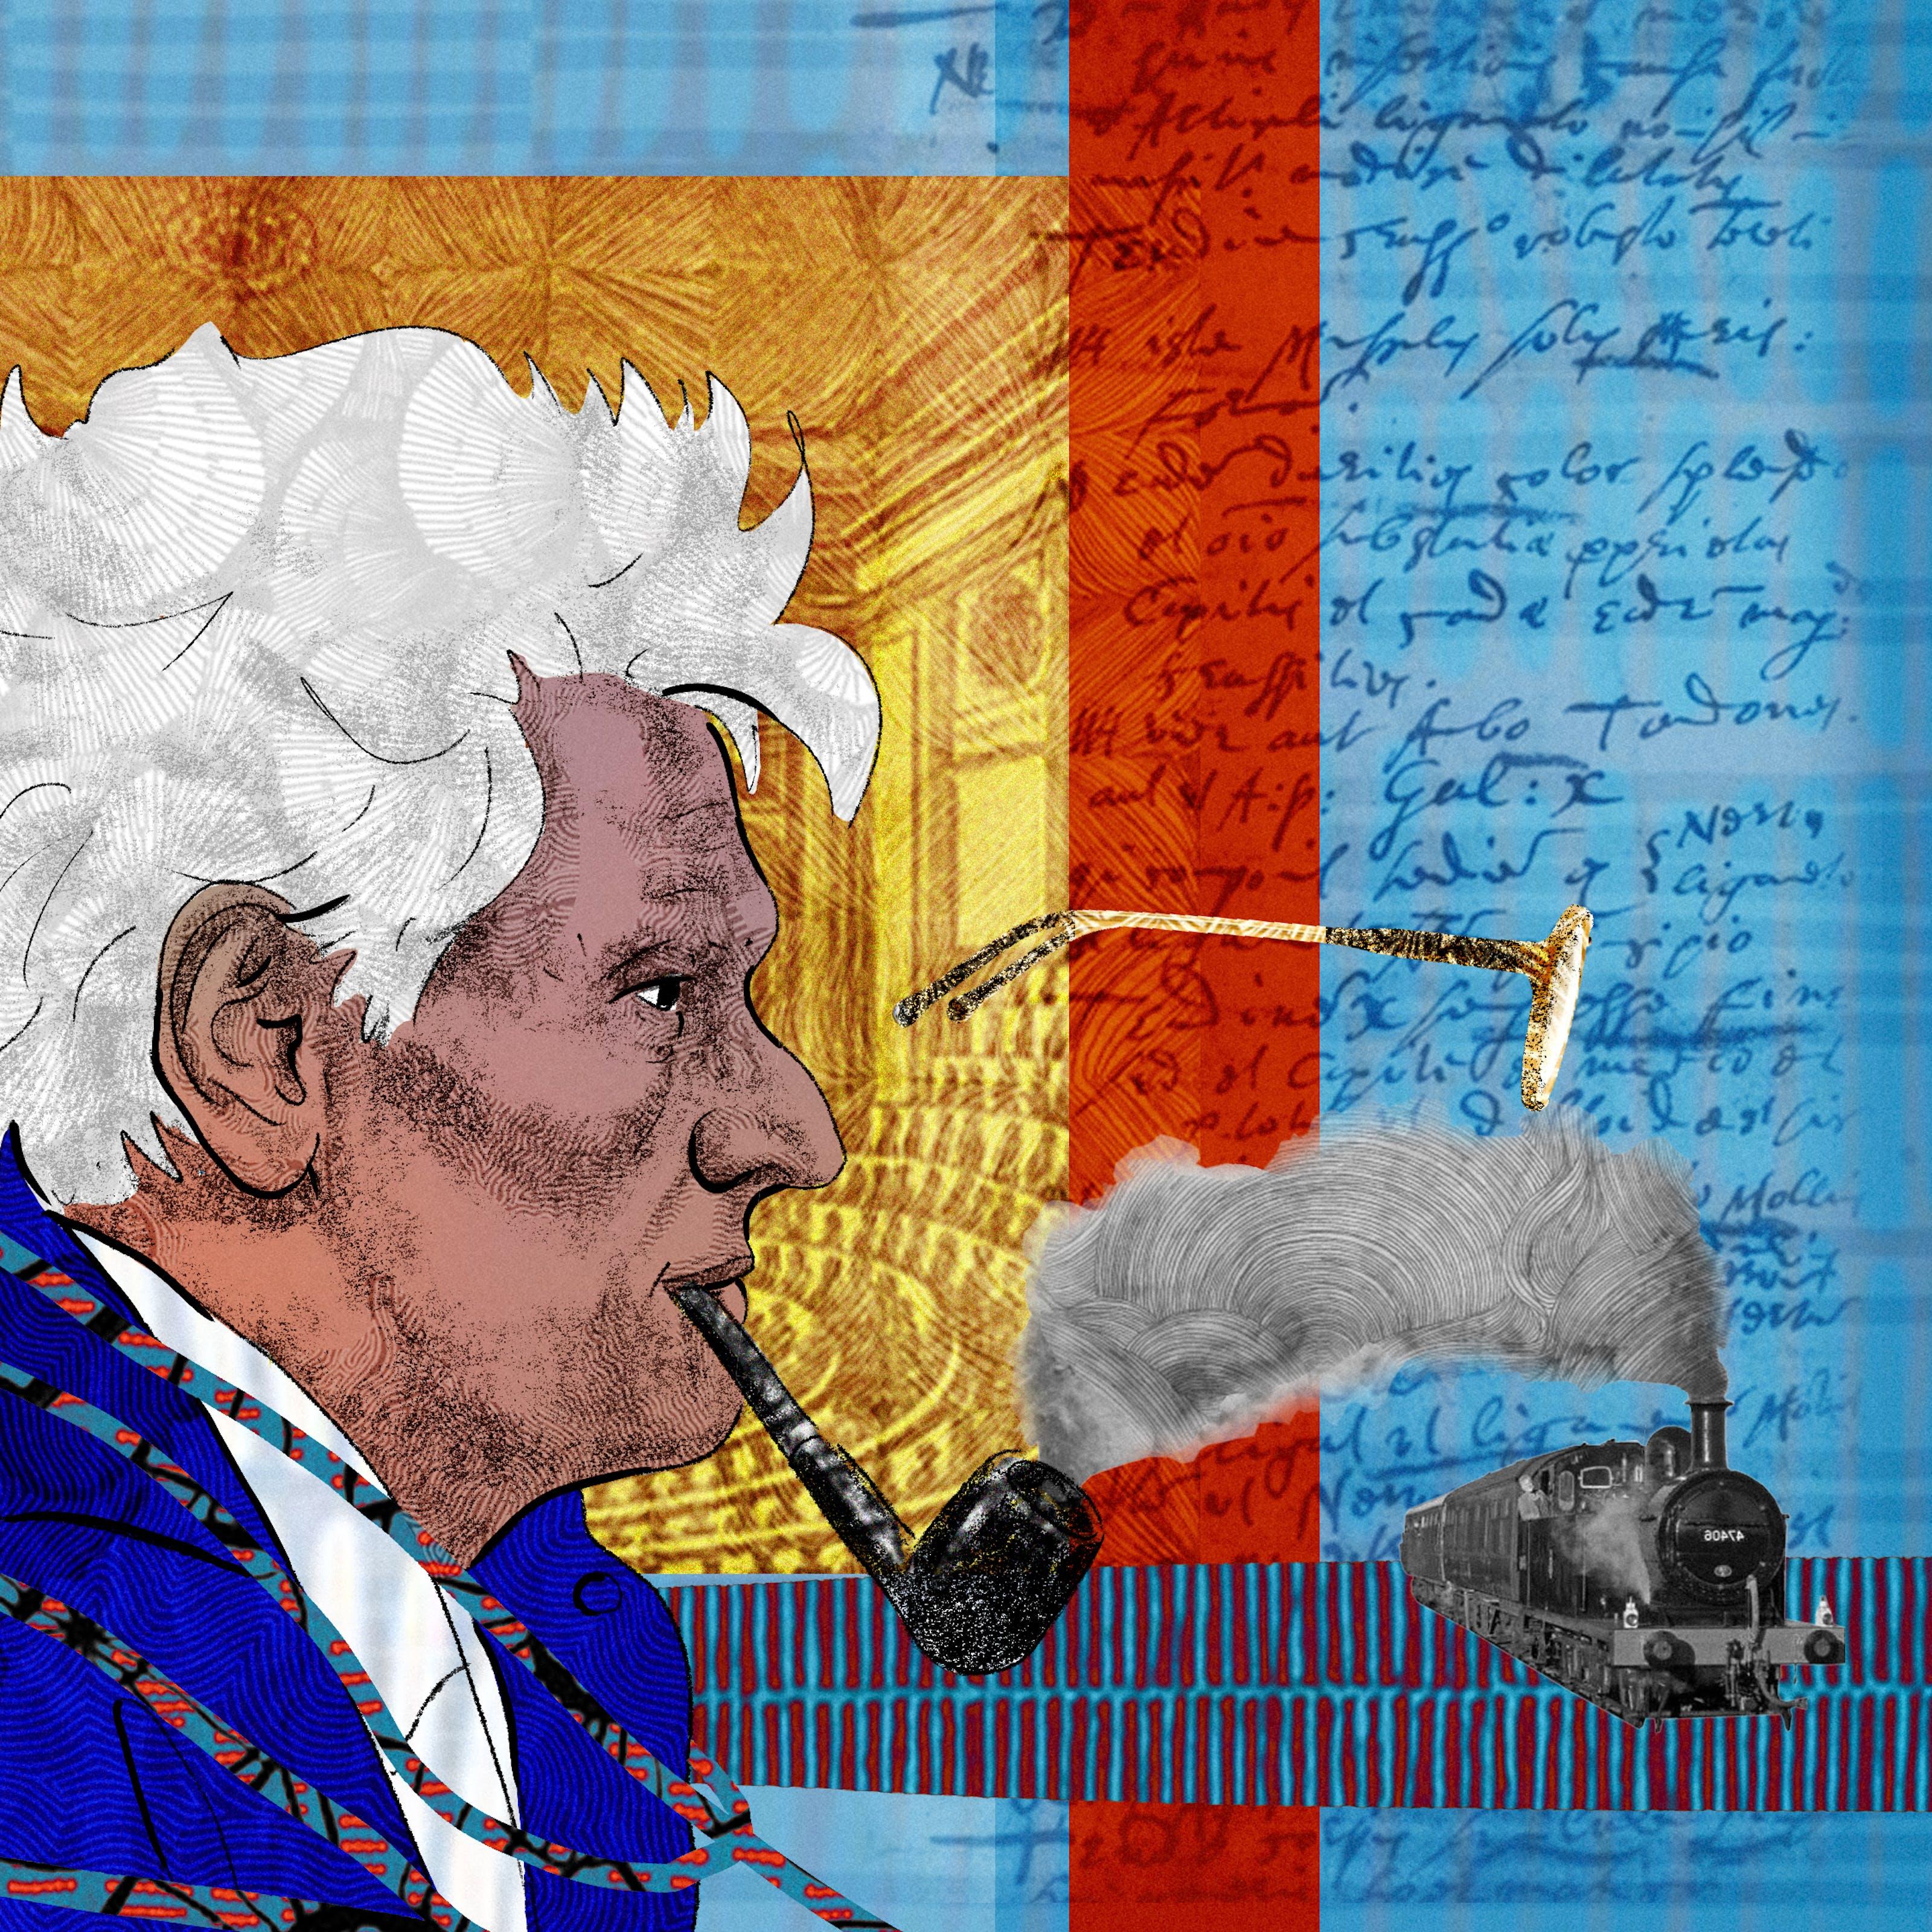 这是一幅抽象的数字插图,描绘的是一个面朝右边、叼着烟斗的男人的头和肩膀肖像,描绘的是作家雅克·德里达(Jacques Derrida)。在左边,我们看到一位女性正在用羽毛笔书写,描绘的是日记作者爱丽丝·詹姆斯。背景是手写笔记和档案材料的拼贴画,描绘了一个讲堂和x光。右边是一副漂浮的眼镜和一列蒸汽火车。